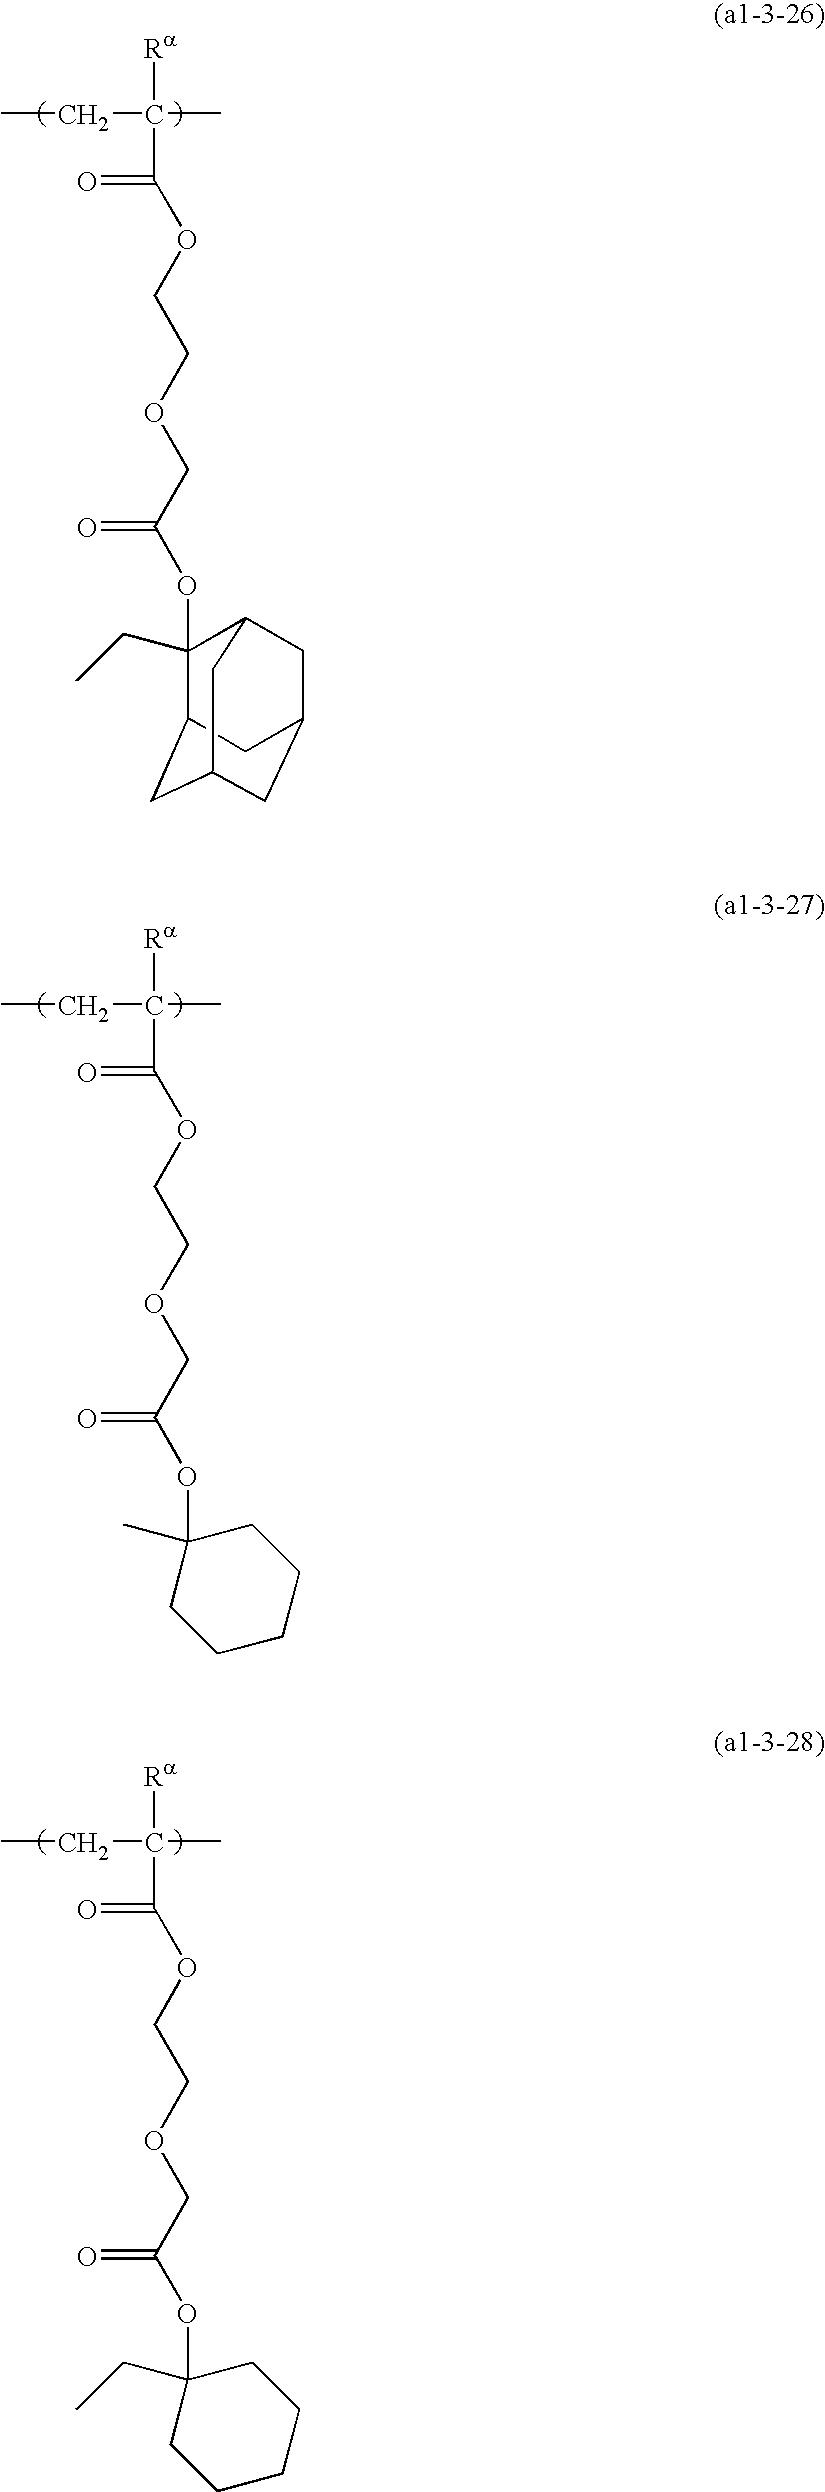 Figure US20100196821A1-20100805-C00041